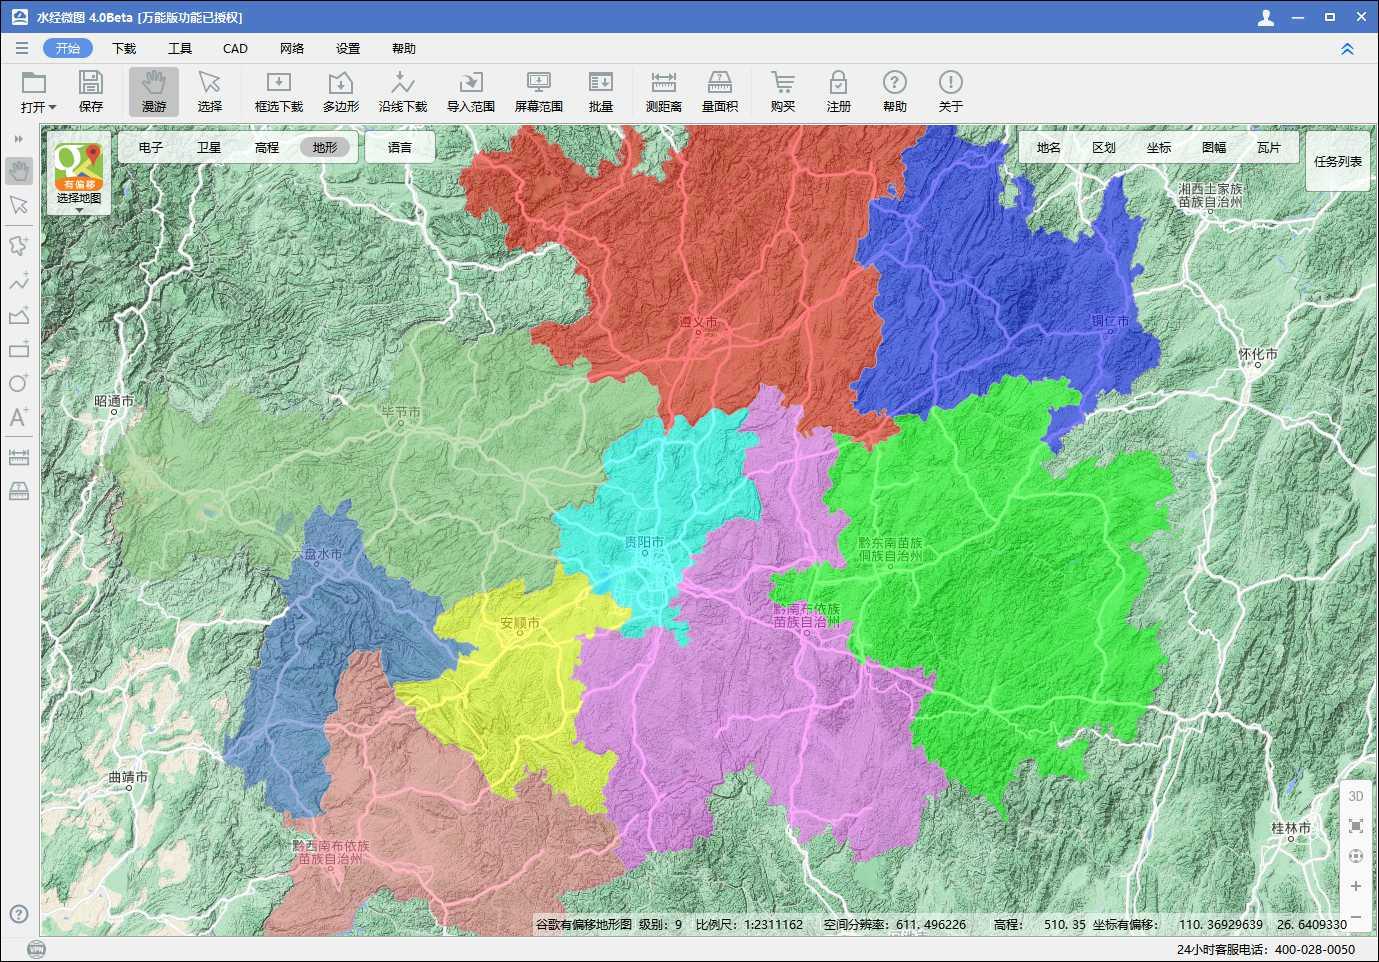 12行政区划地形图叠加.jpg